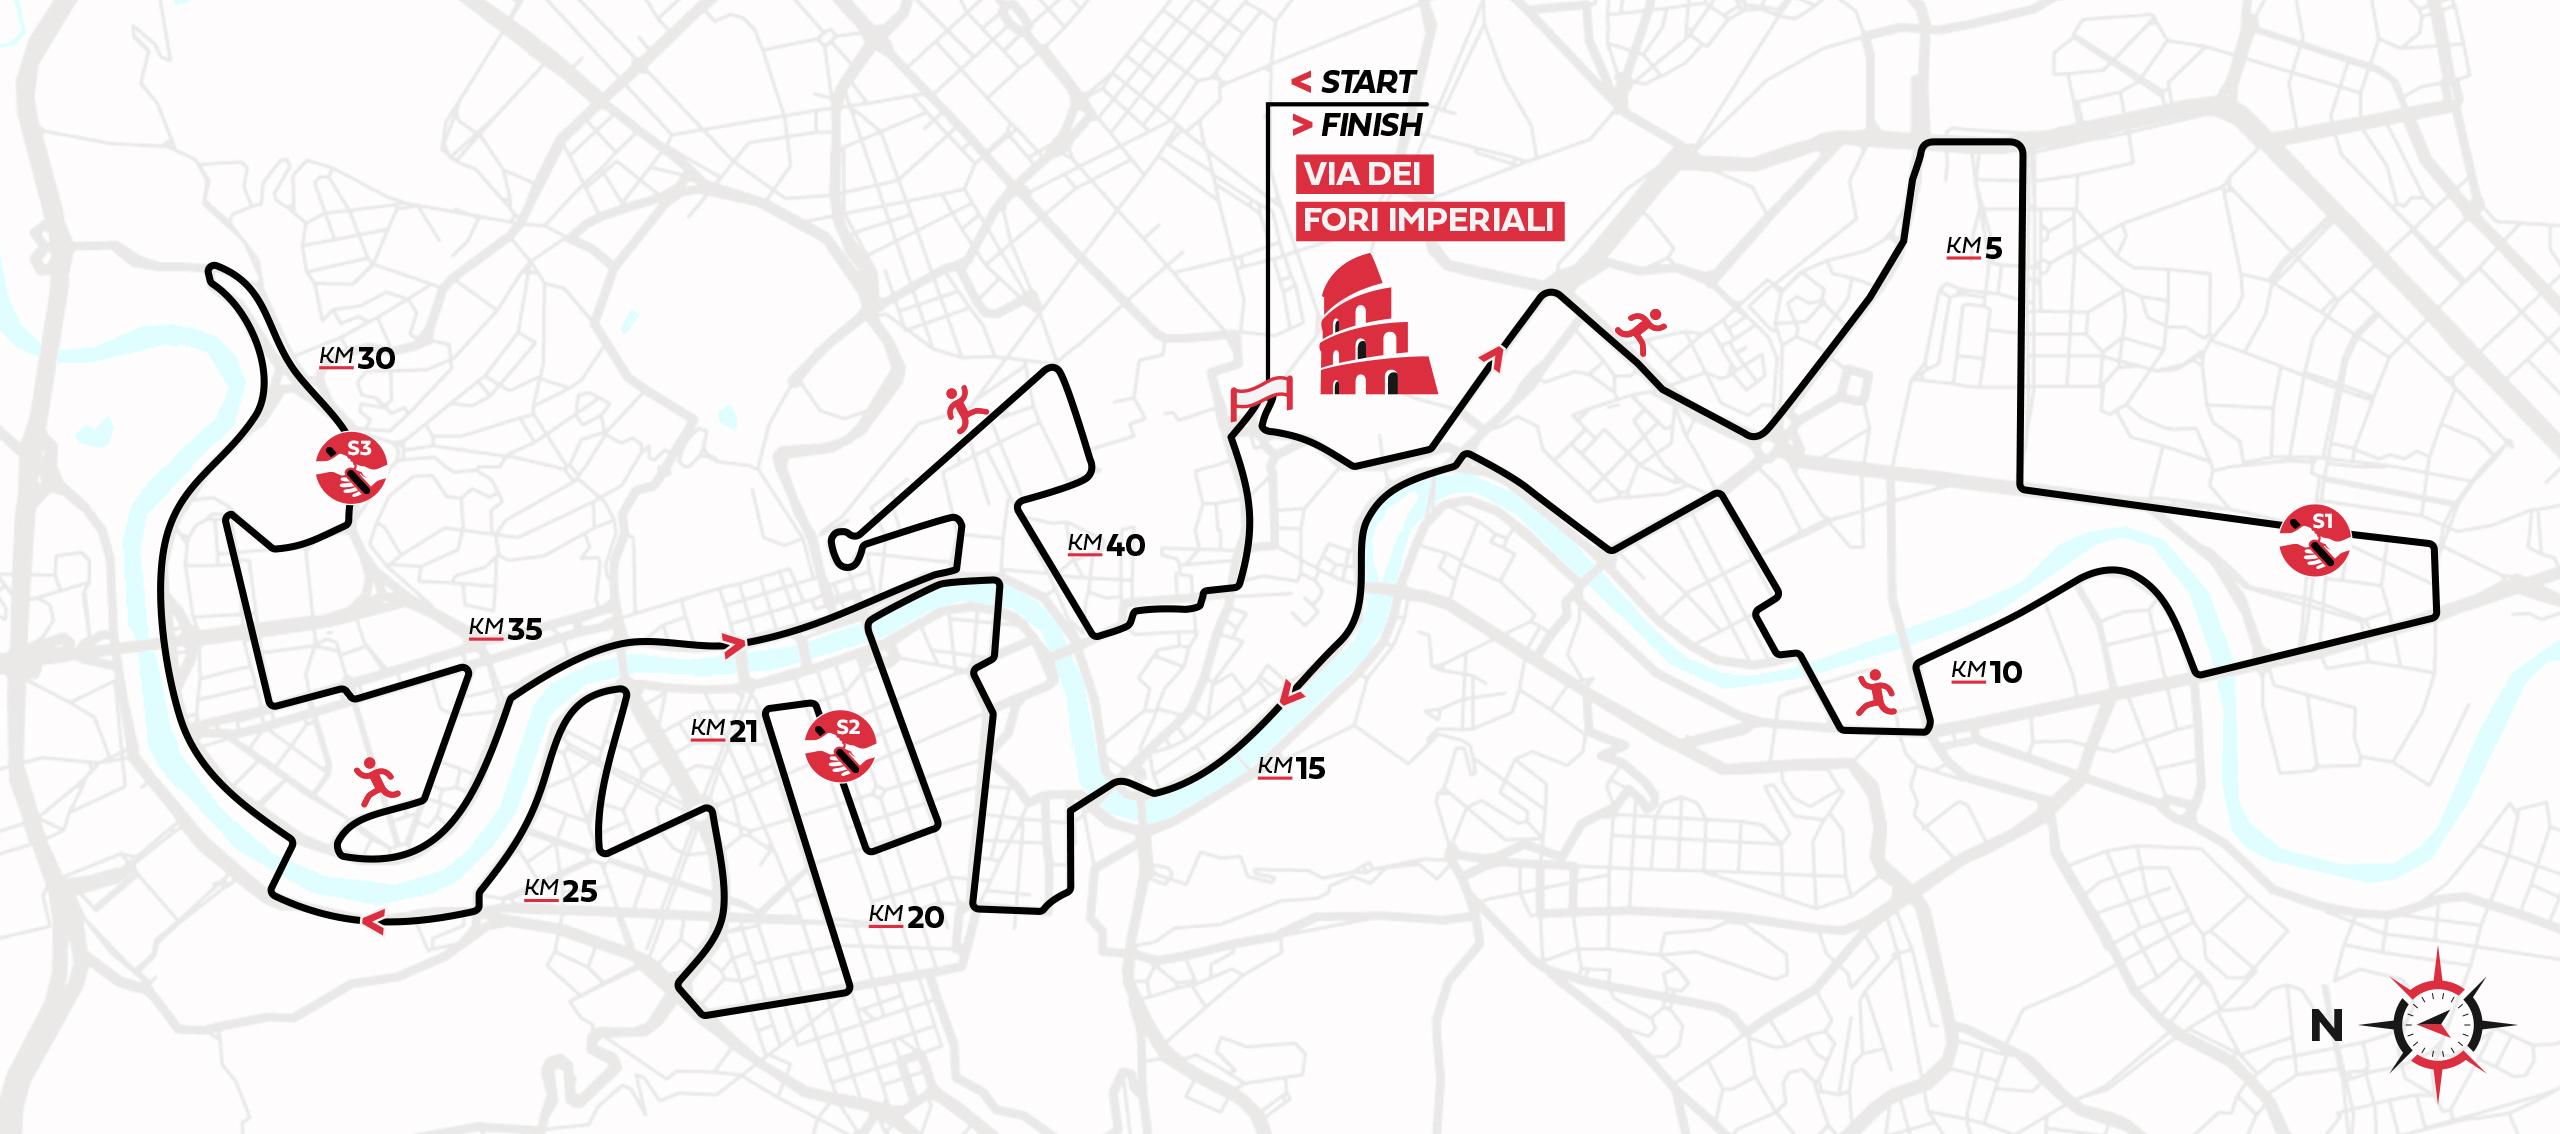 maratona di roma 2021 percorso